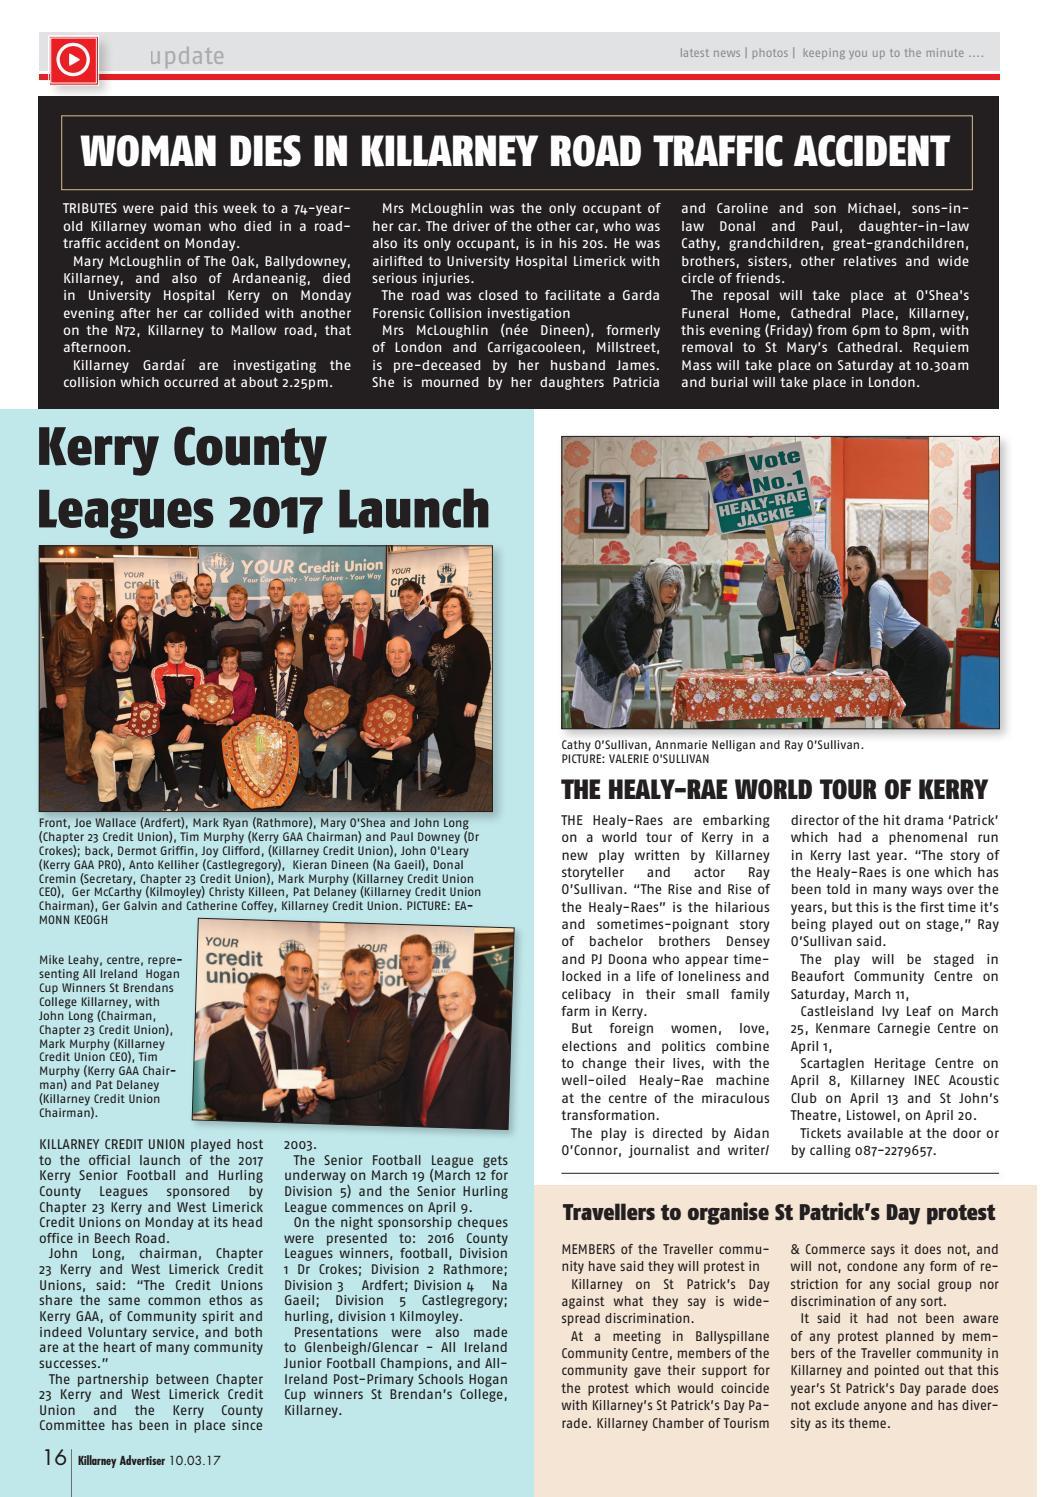 Killarney Advertiser, March 10th 2017 by Killarney